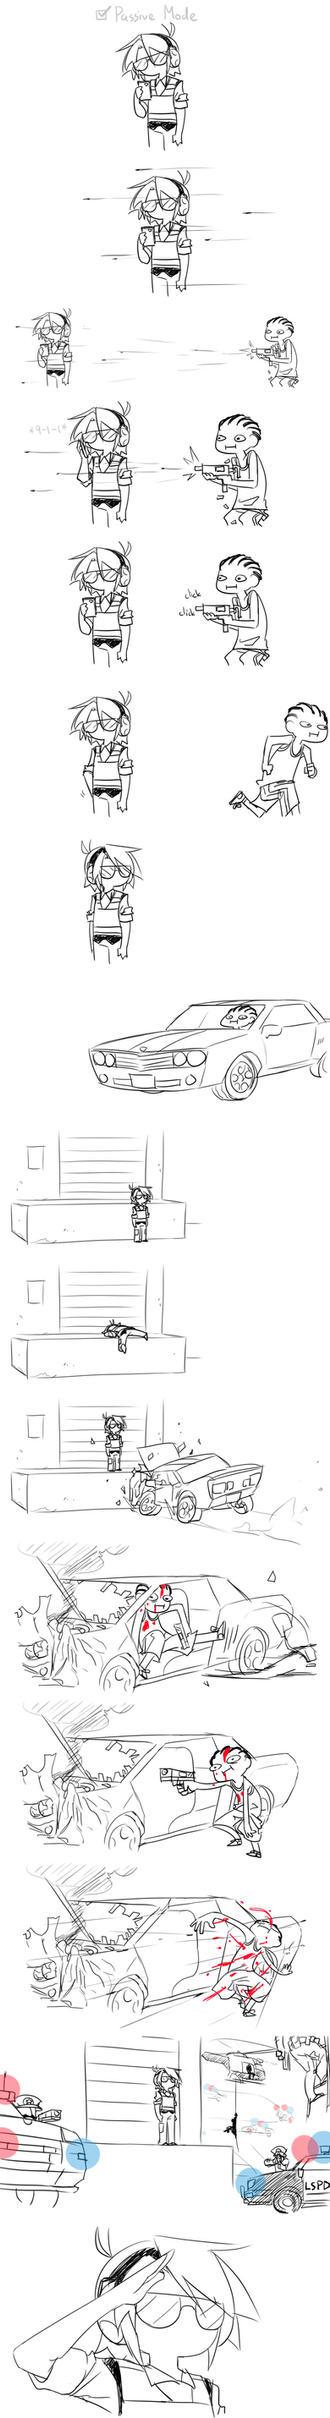 Passive Aggressive by Matsu-sensei